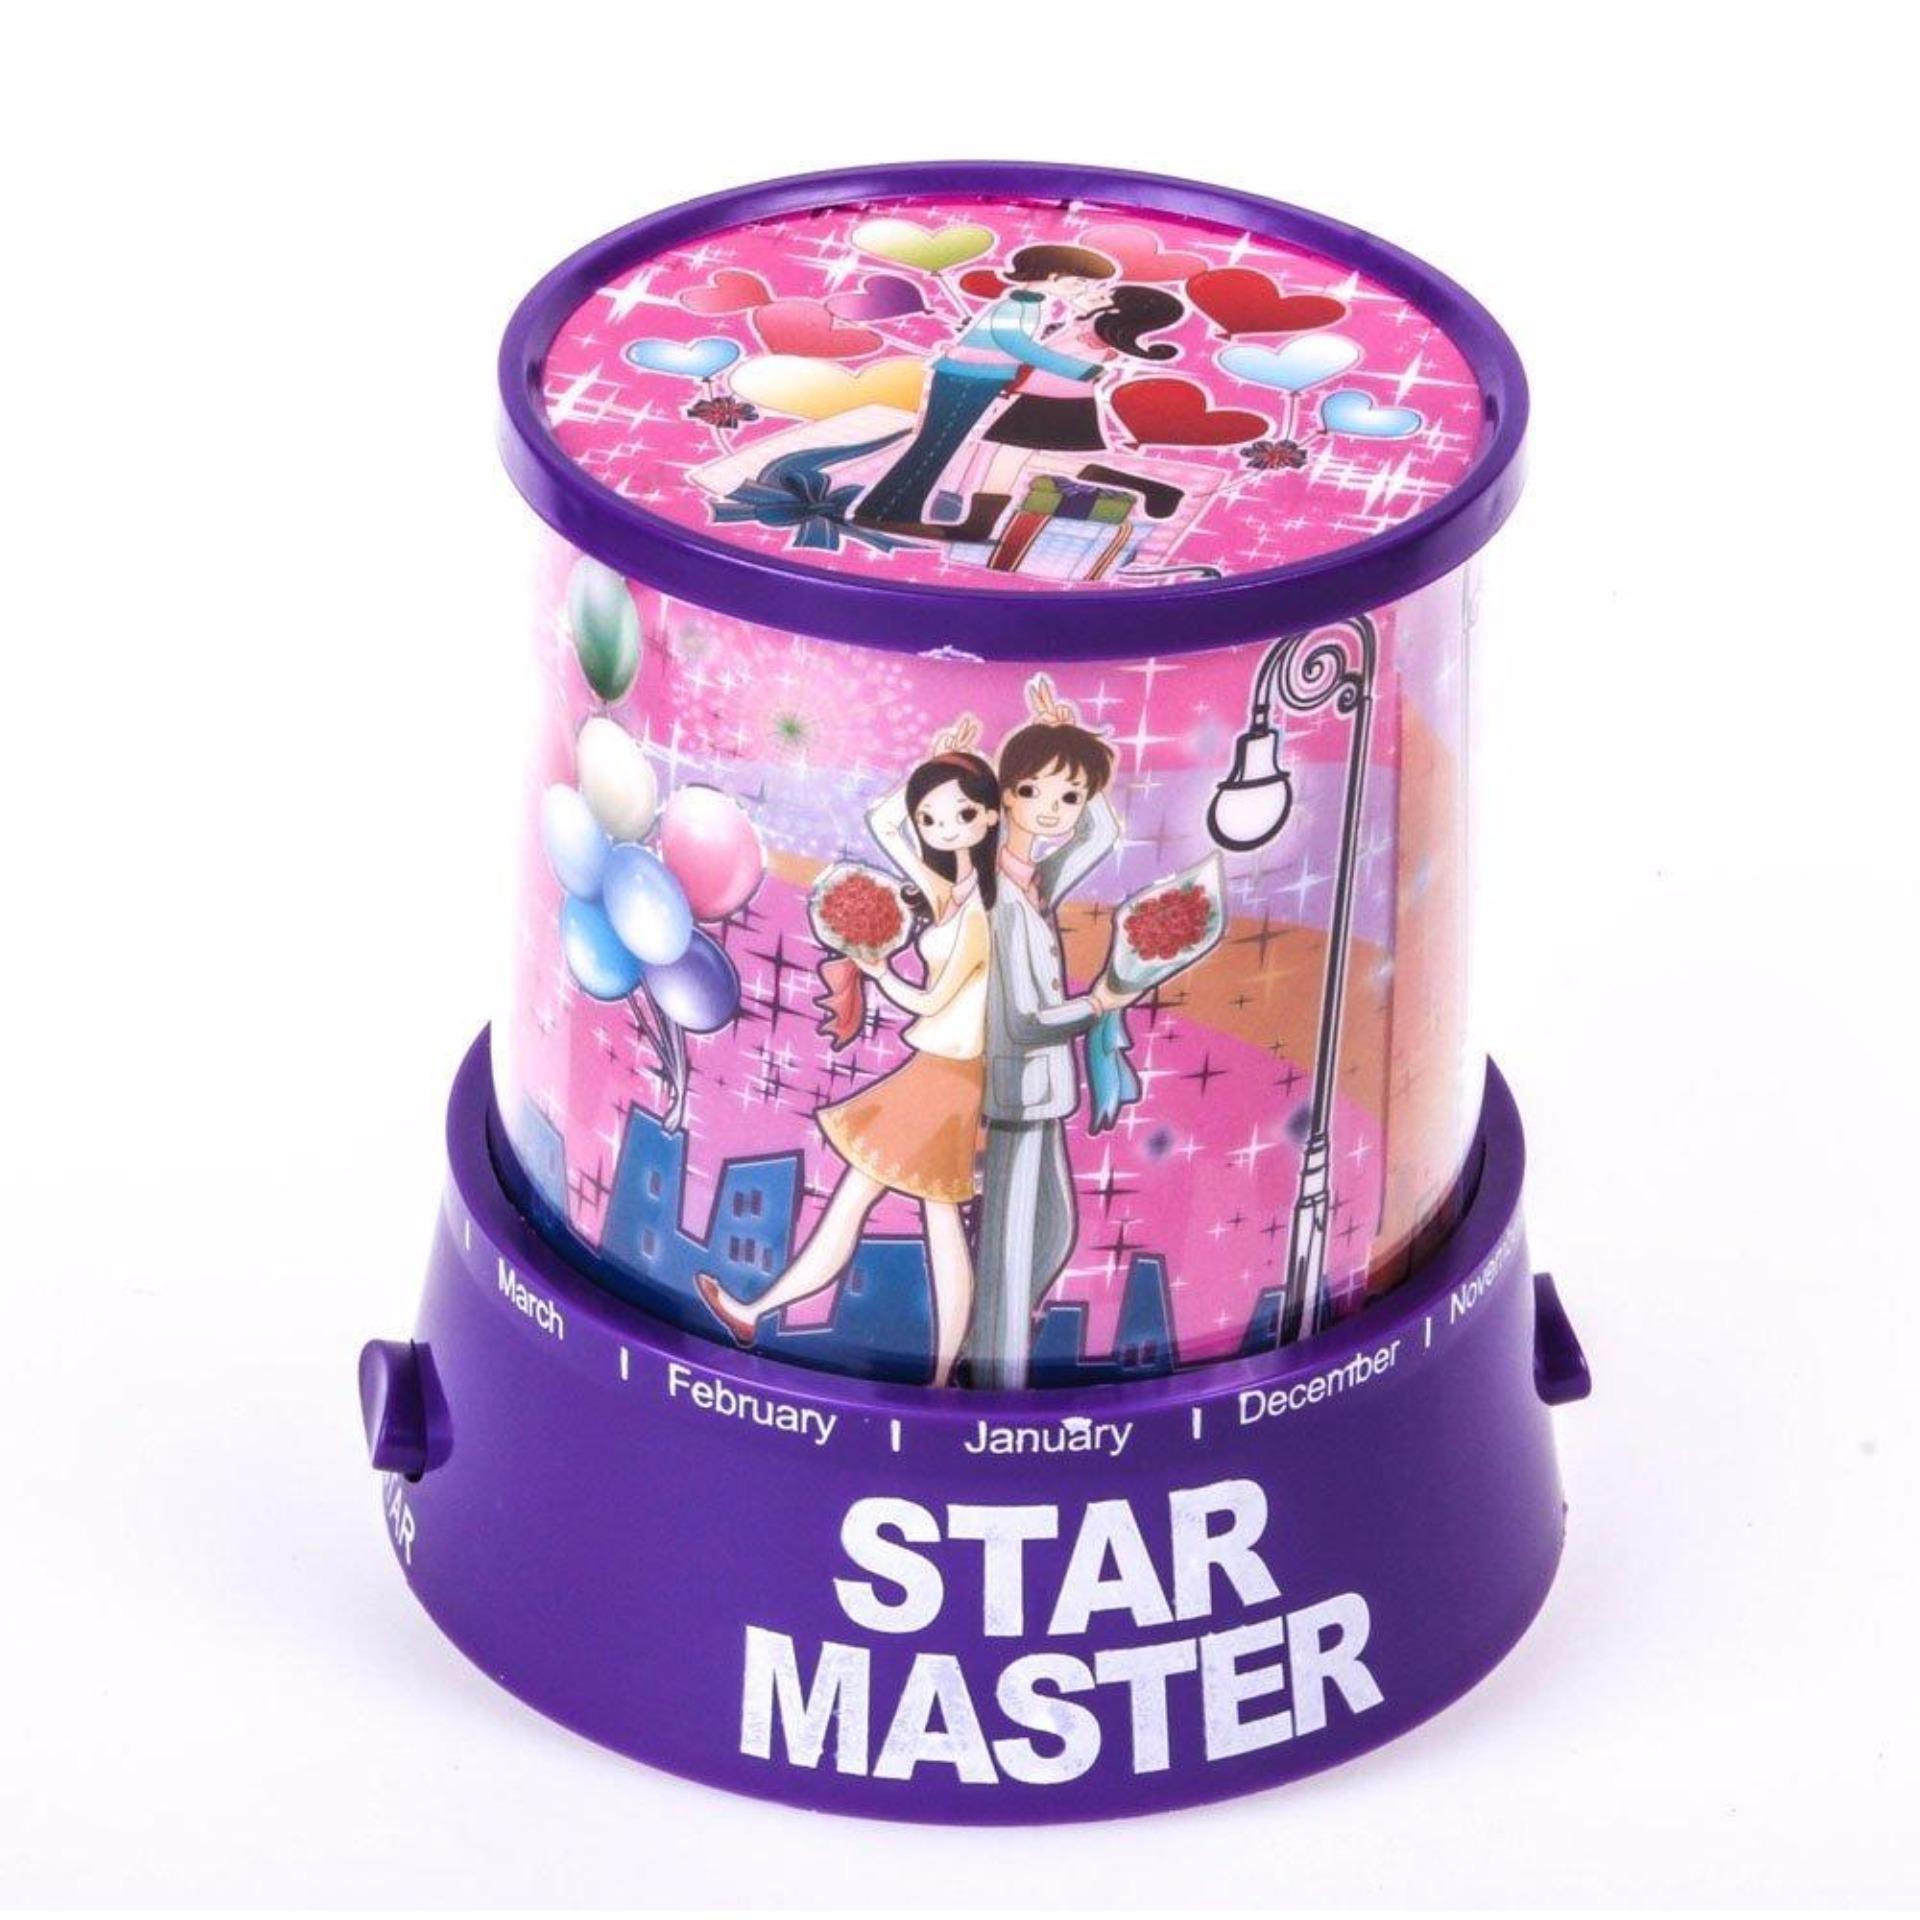 Lampu Hias Proyektor Star Master / Lampu Kamar Tidur - Romantic Lamp Kiss Love